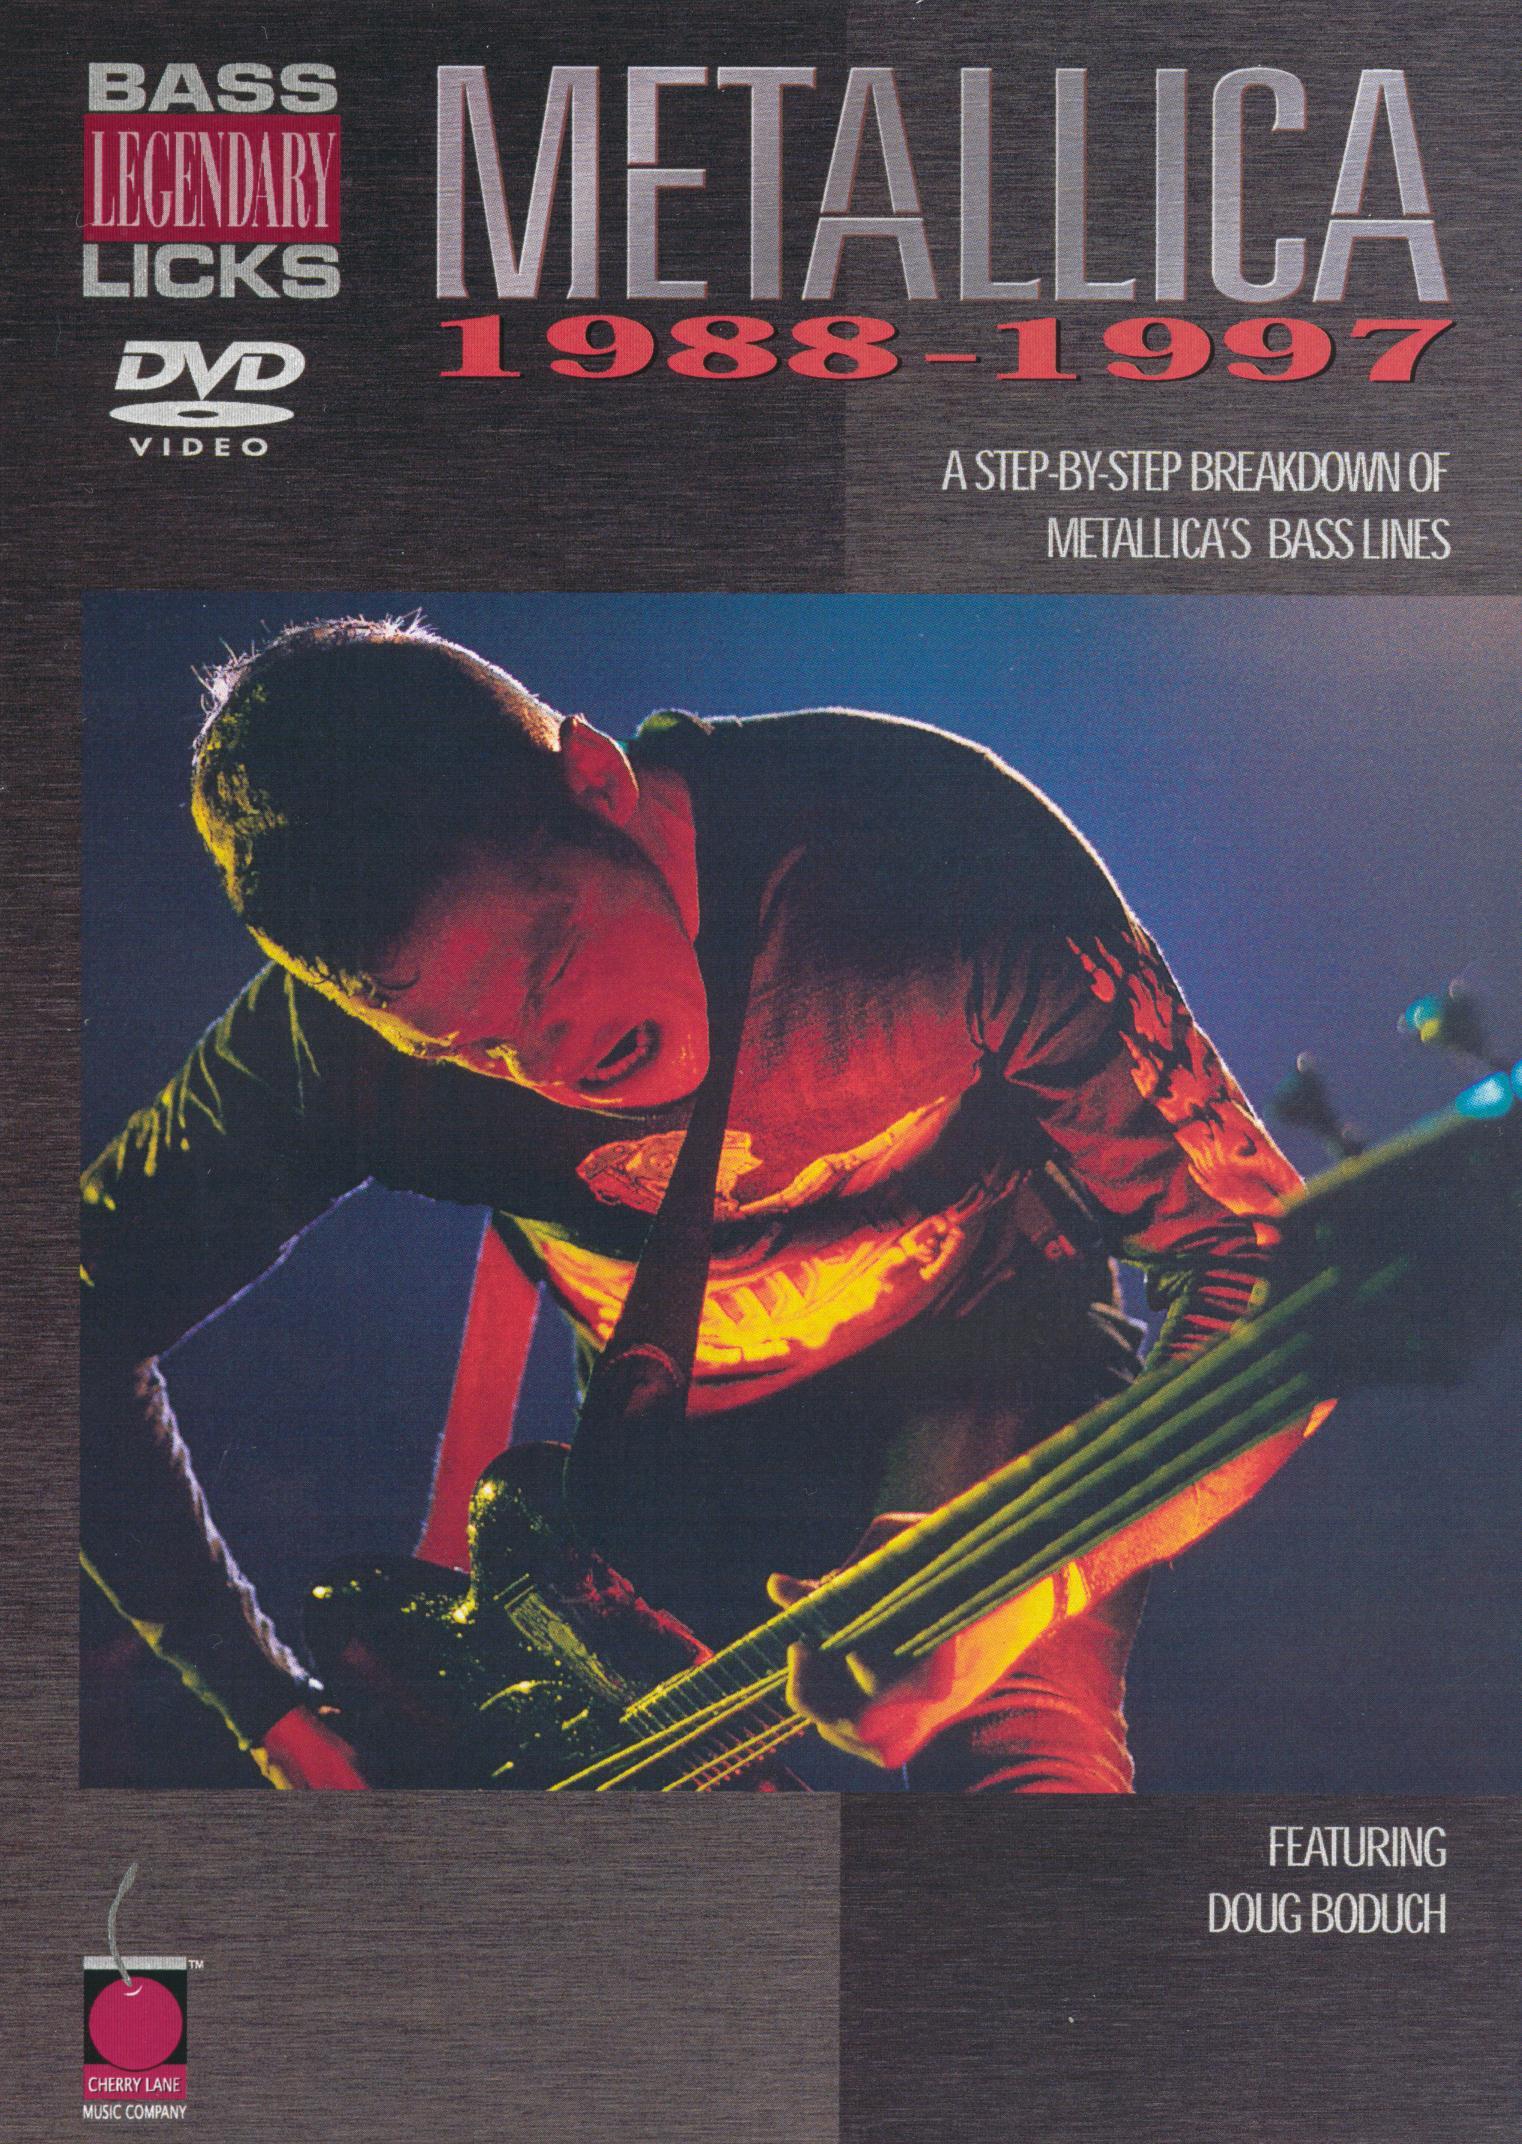 Metallica: Legendary Licks - Bass, 1988-1997